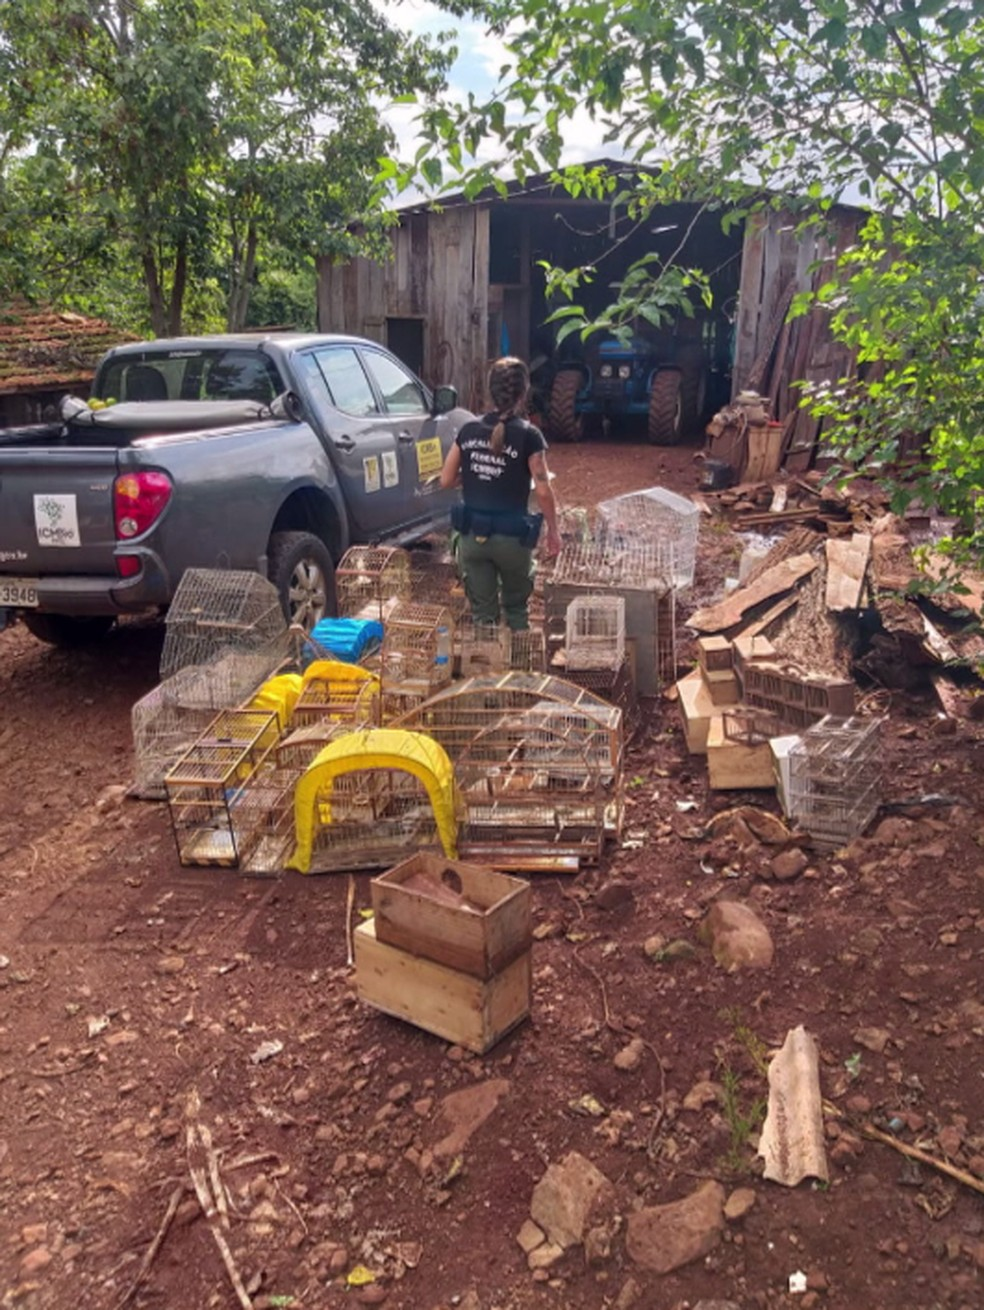 Durante a operação conjunta, na tarde de segunda-feira (11), foram apreendidas ainda cerca de 60 gaiolas e armadilhas para a captura de pássaros — Foto: PF/Divulgação